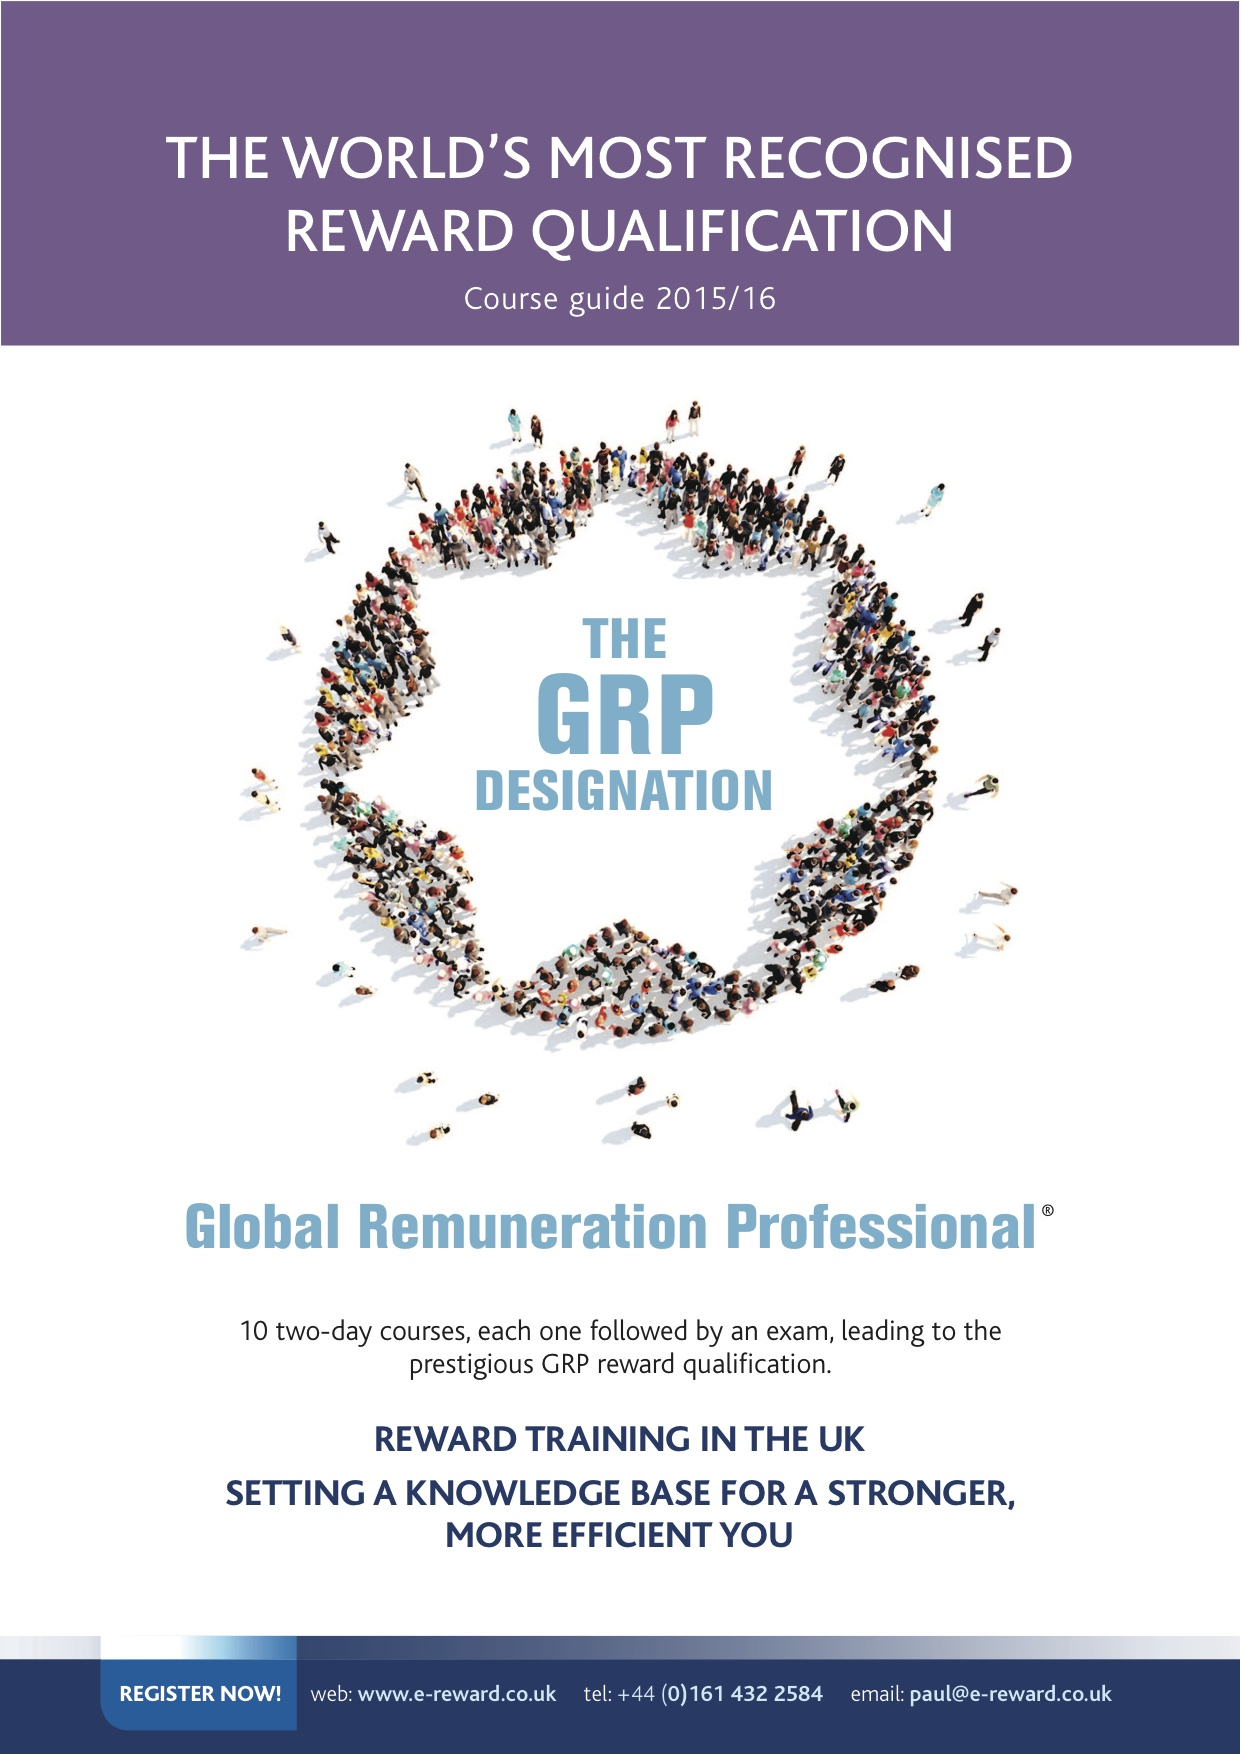 GRP brochure 2015/16